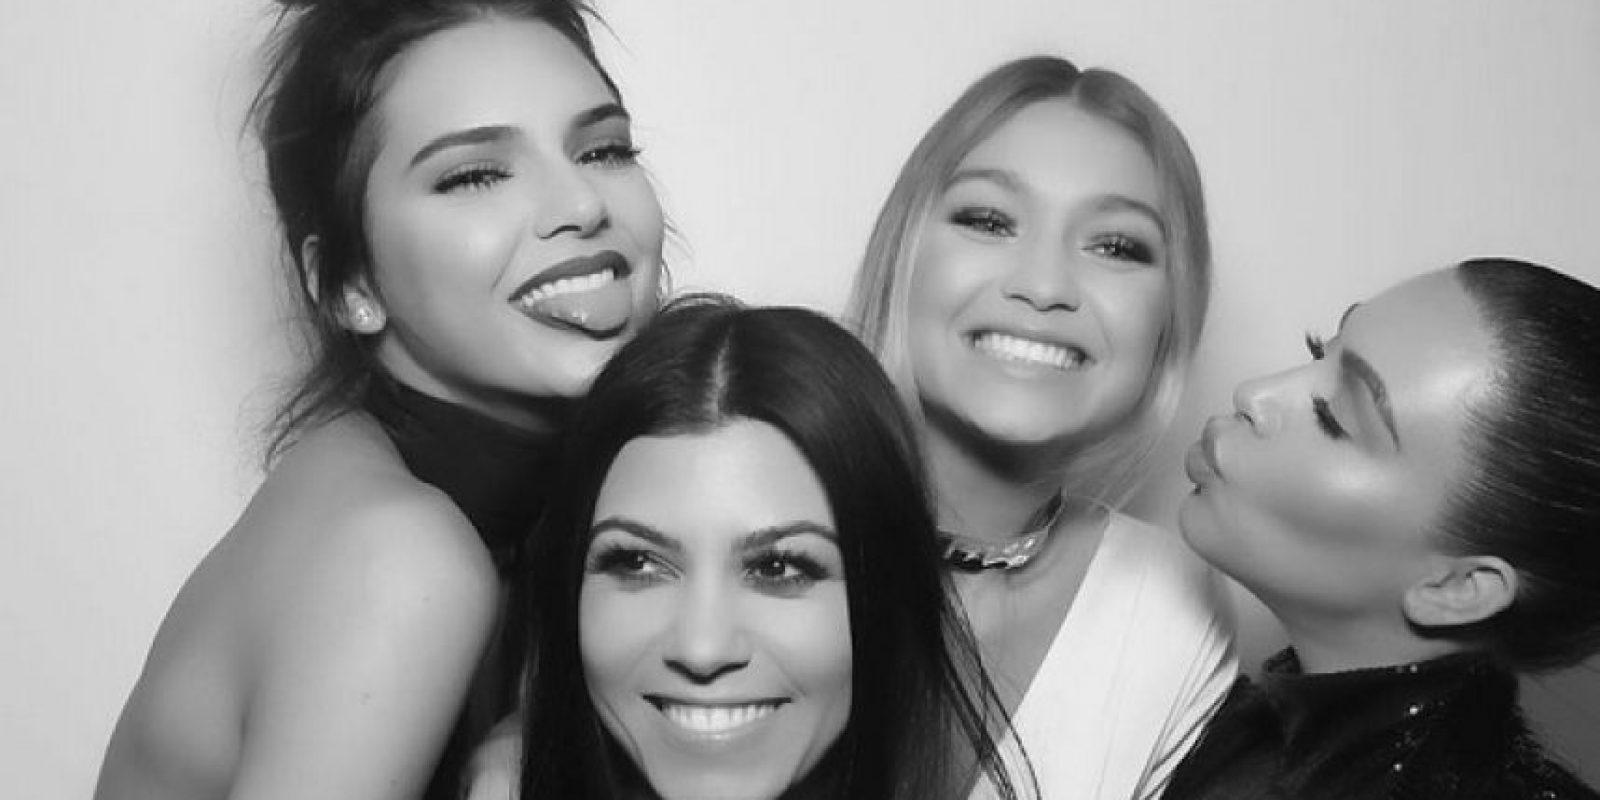 Mientras Kendall Jenner festejaba su cumpleaños número 20 junto a sus hermanas y amigos… Foto:Instagram/kimkardashian